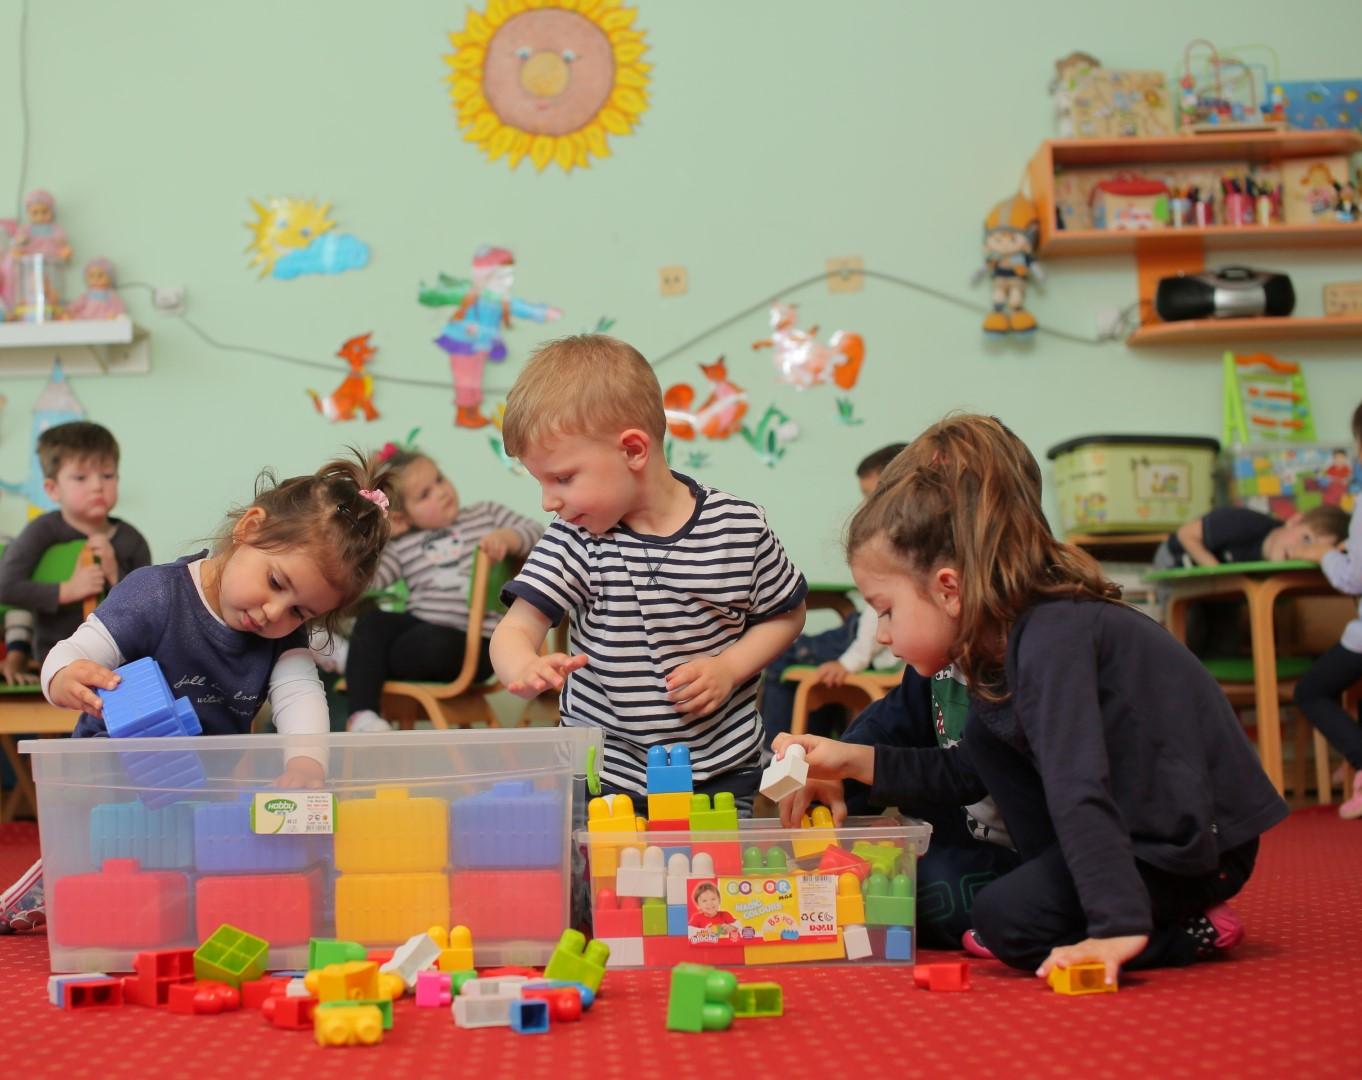 Ushqimi ditor për fëmijët e moshës 2-3 vjeç me qëndrim të vazhduar